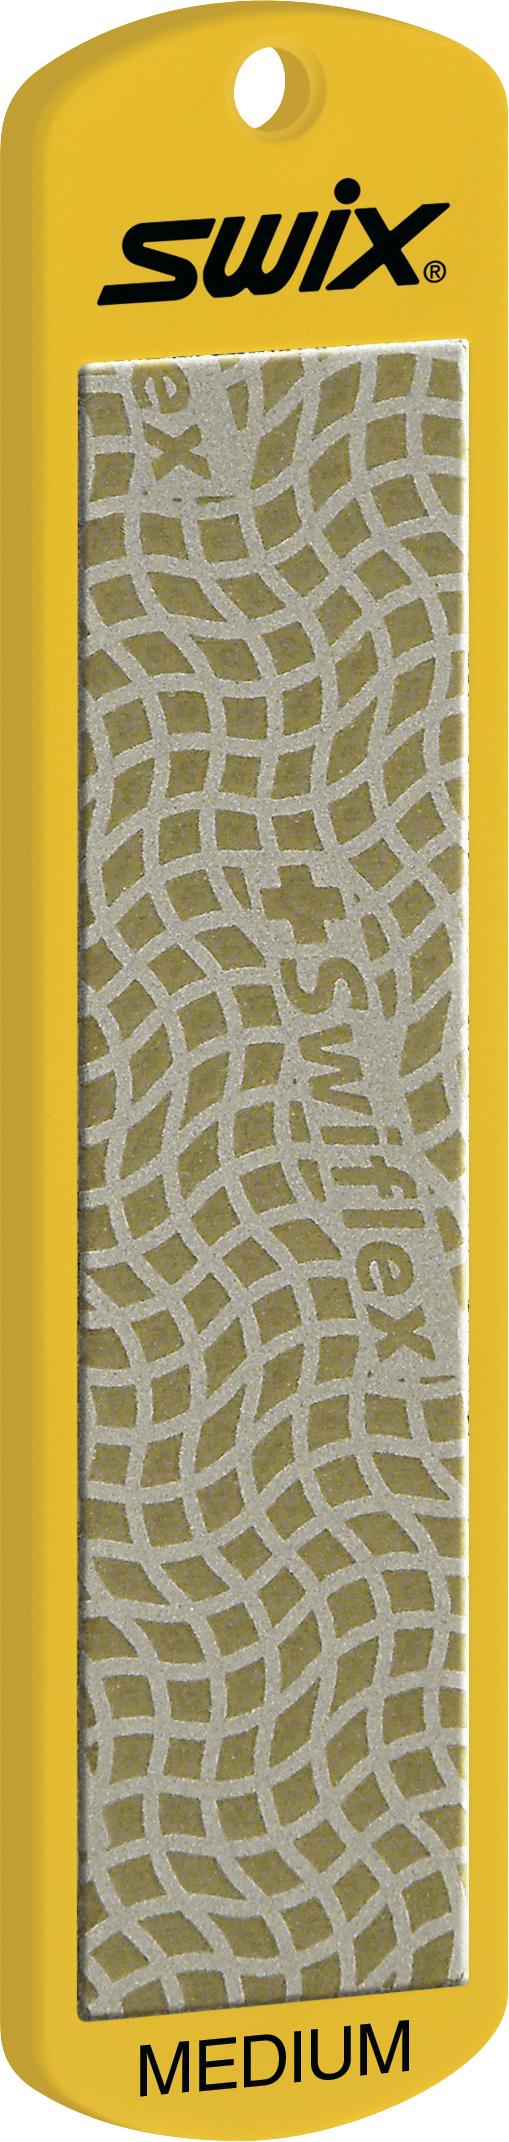 Swix Средний алмазный камень